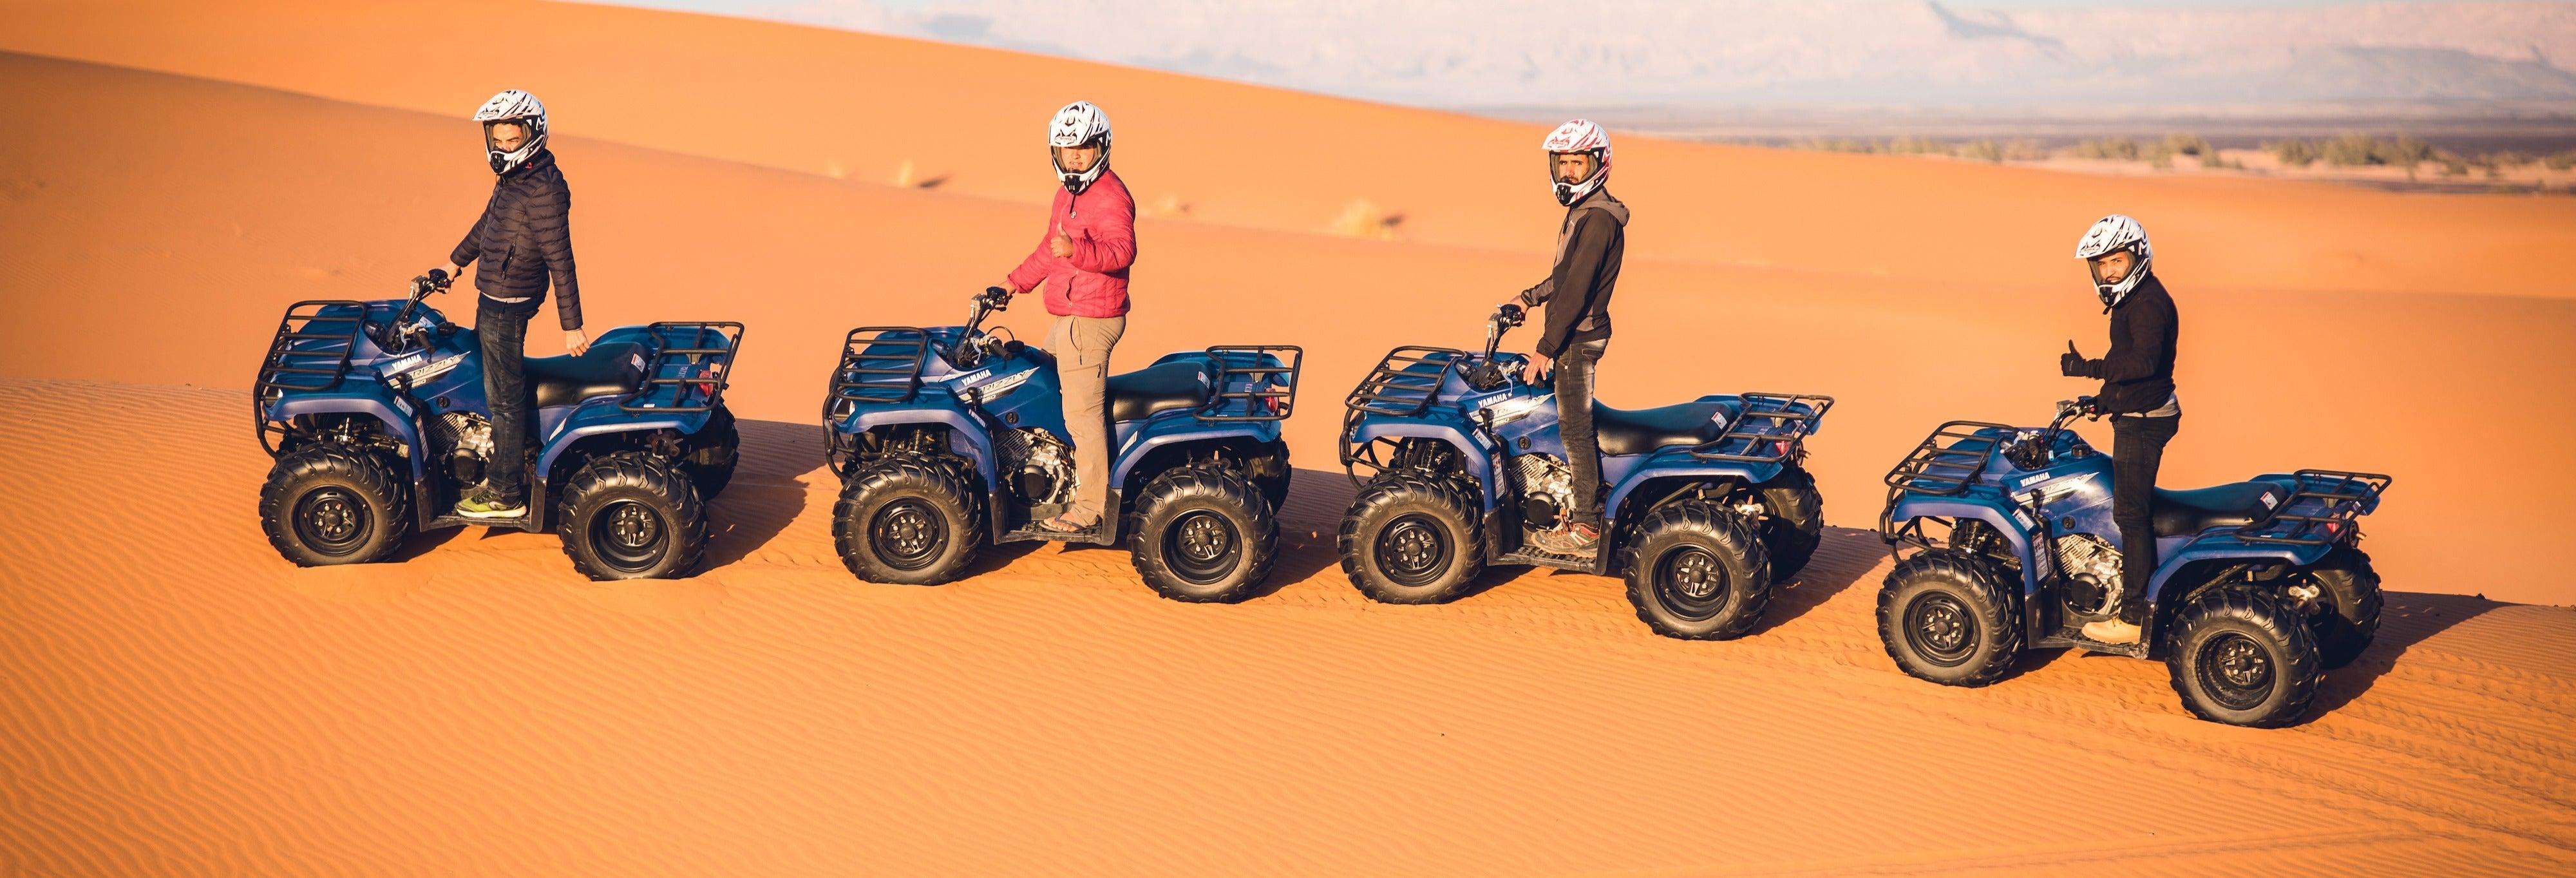 Tour de quadriciclo pelo deserto de Merzouga